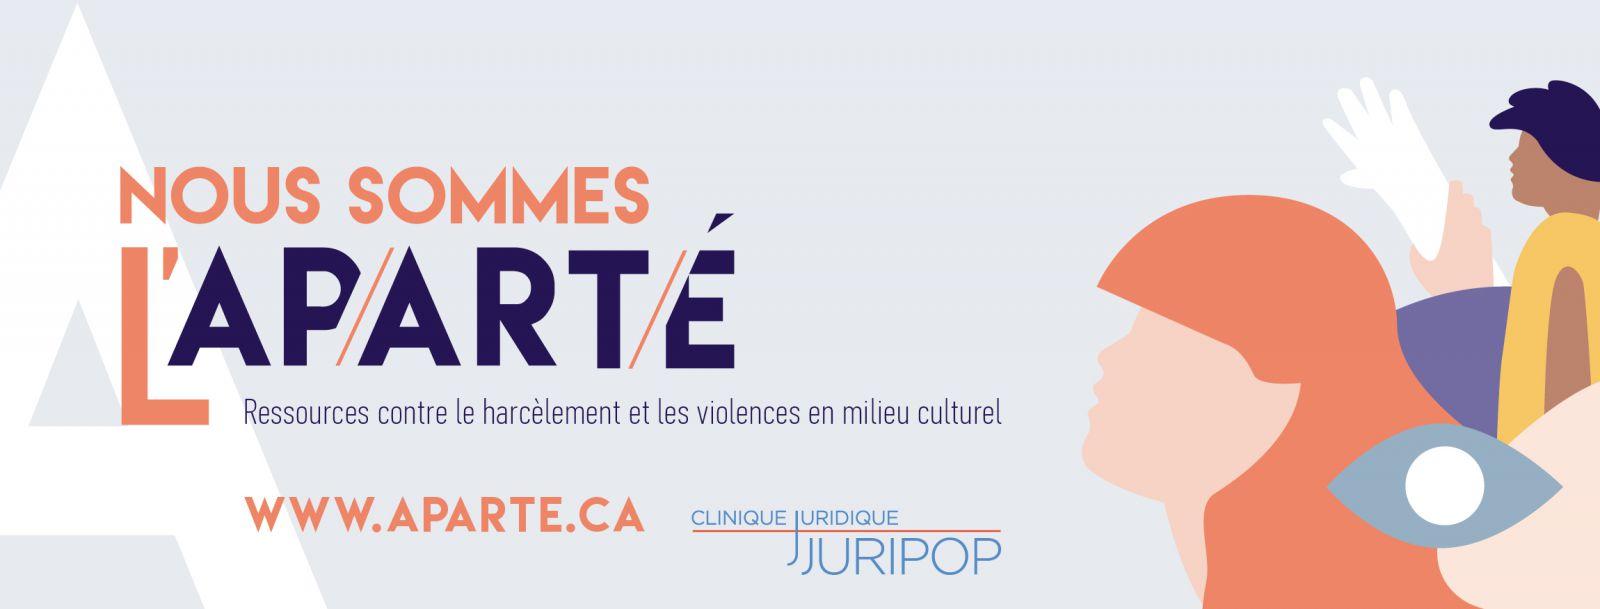 Site internet de L'Aparté : https://aparte.ca/